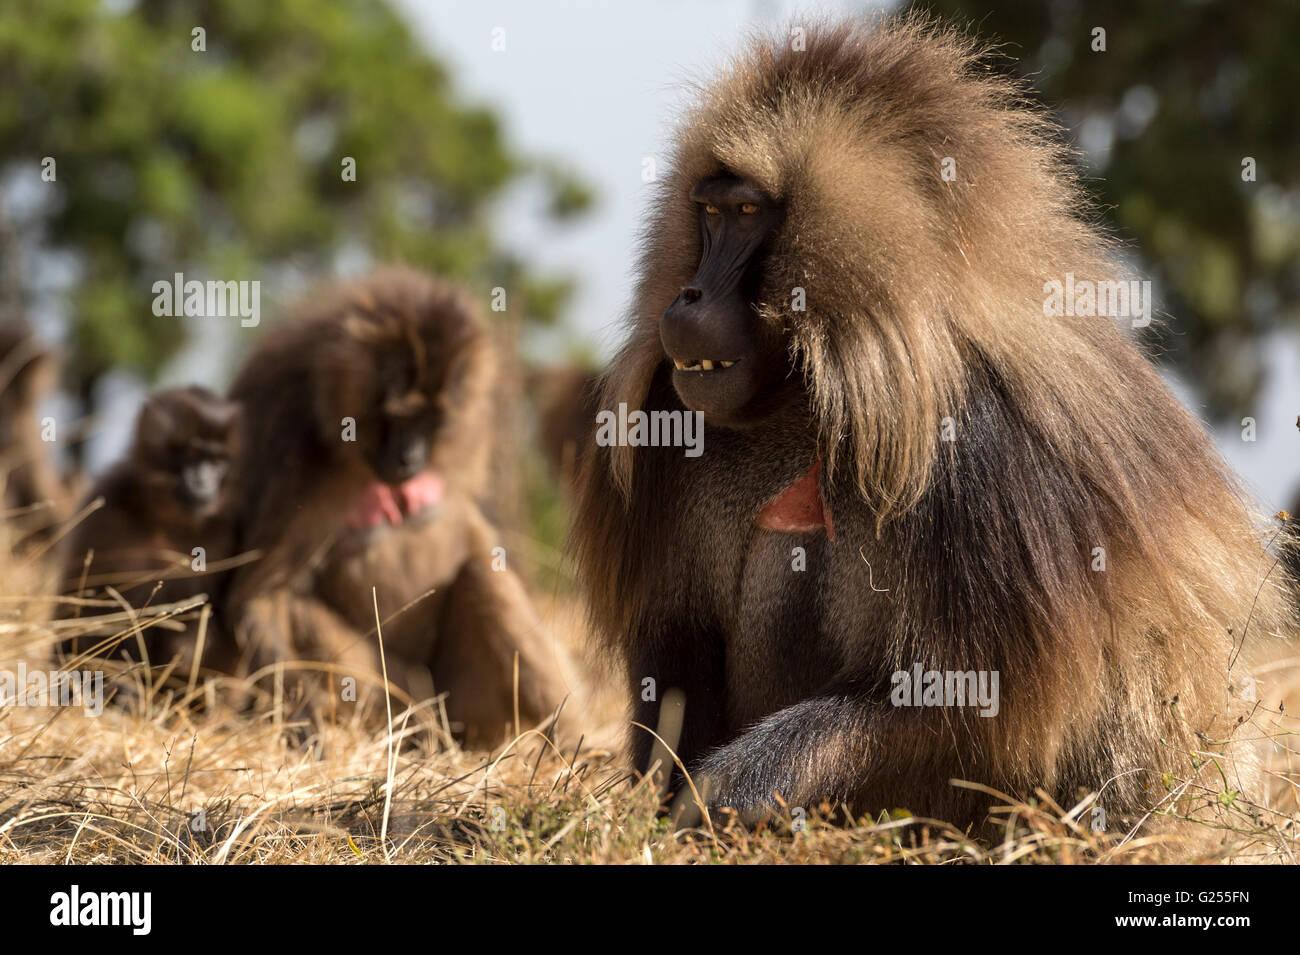 Gelada Monkeys feeding on grass Simien Mountains National Park, Ethiopia - Stock Image